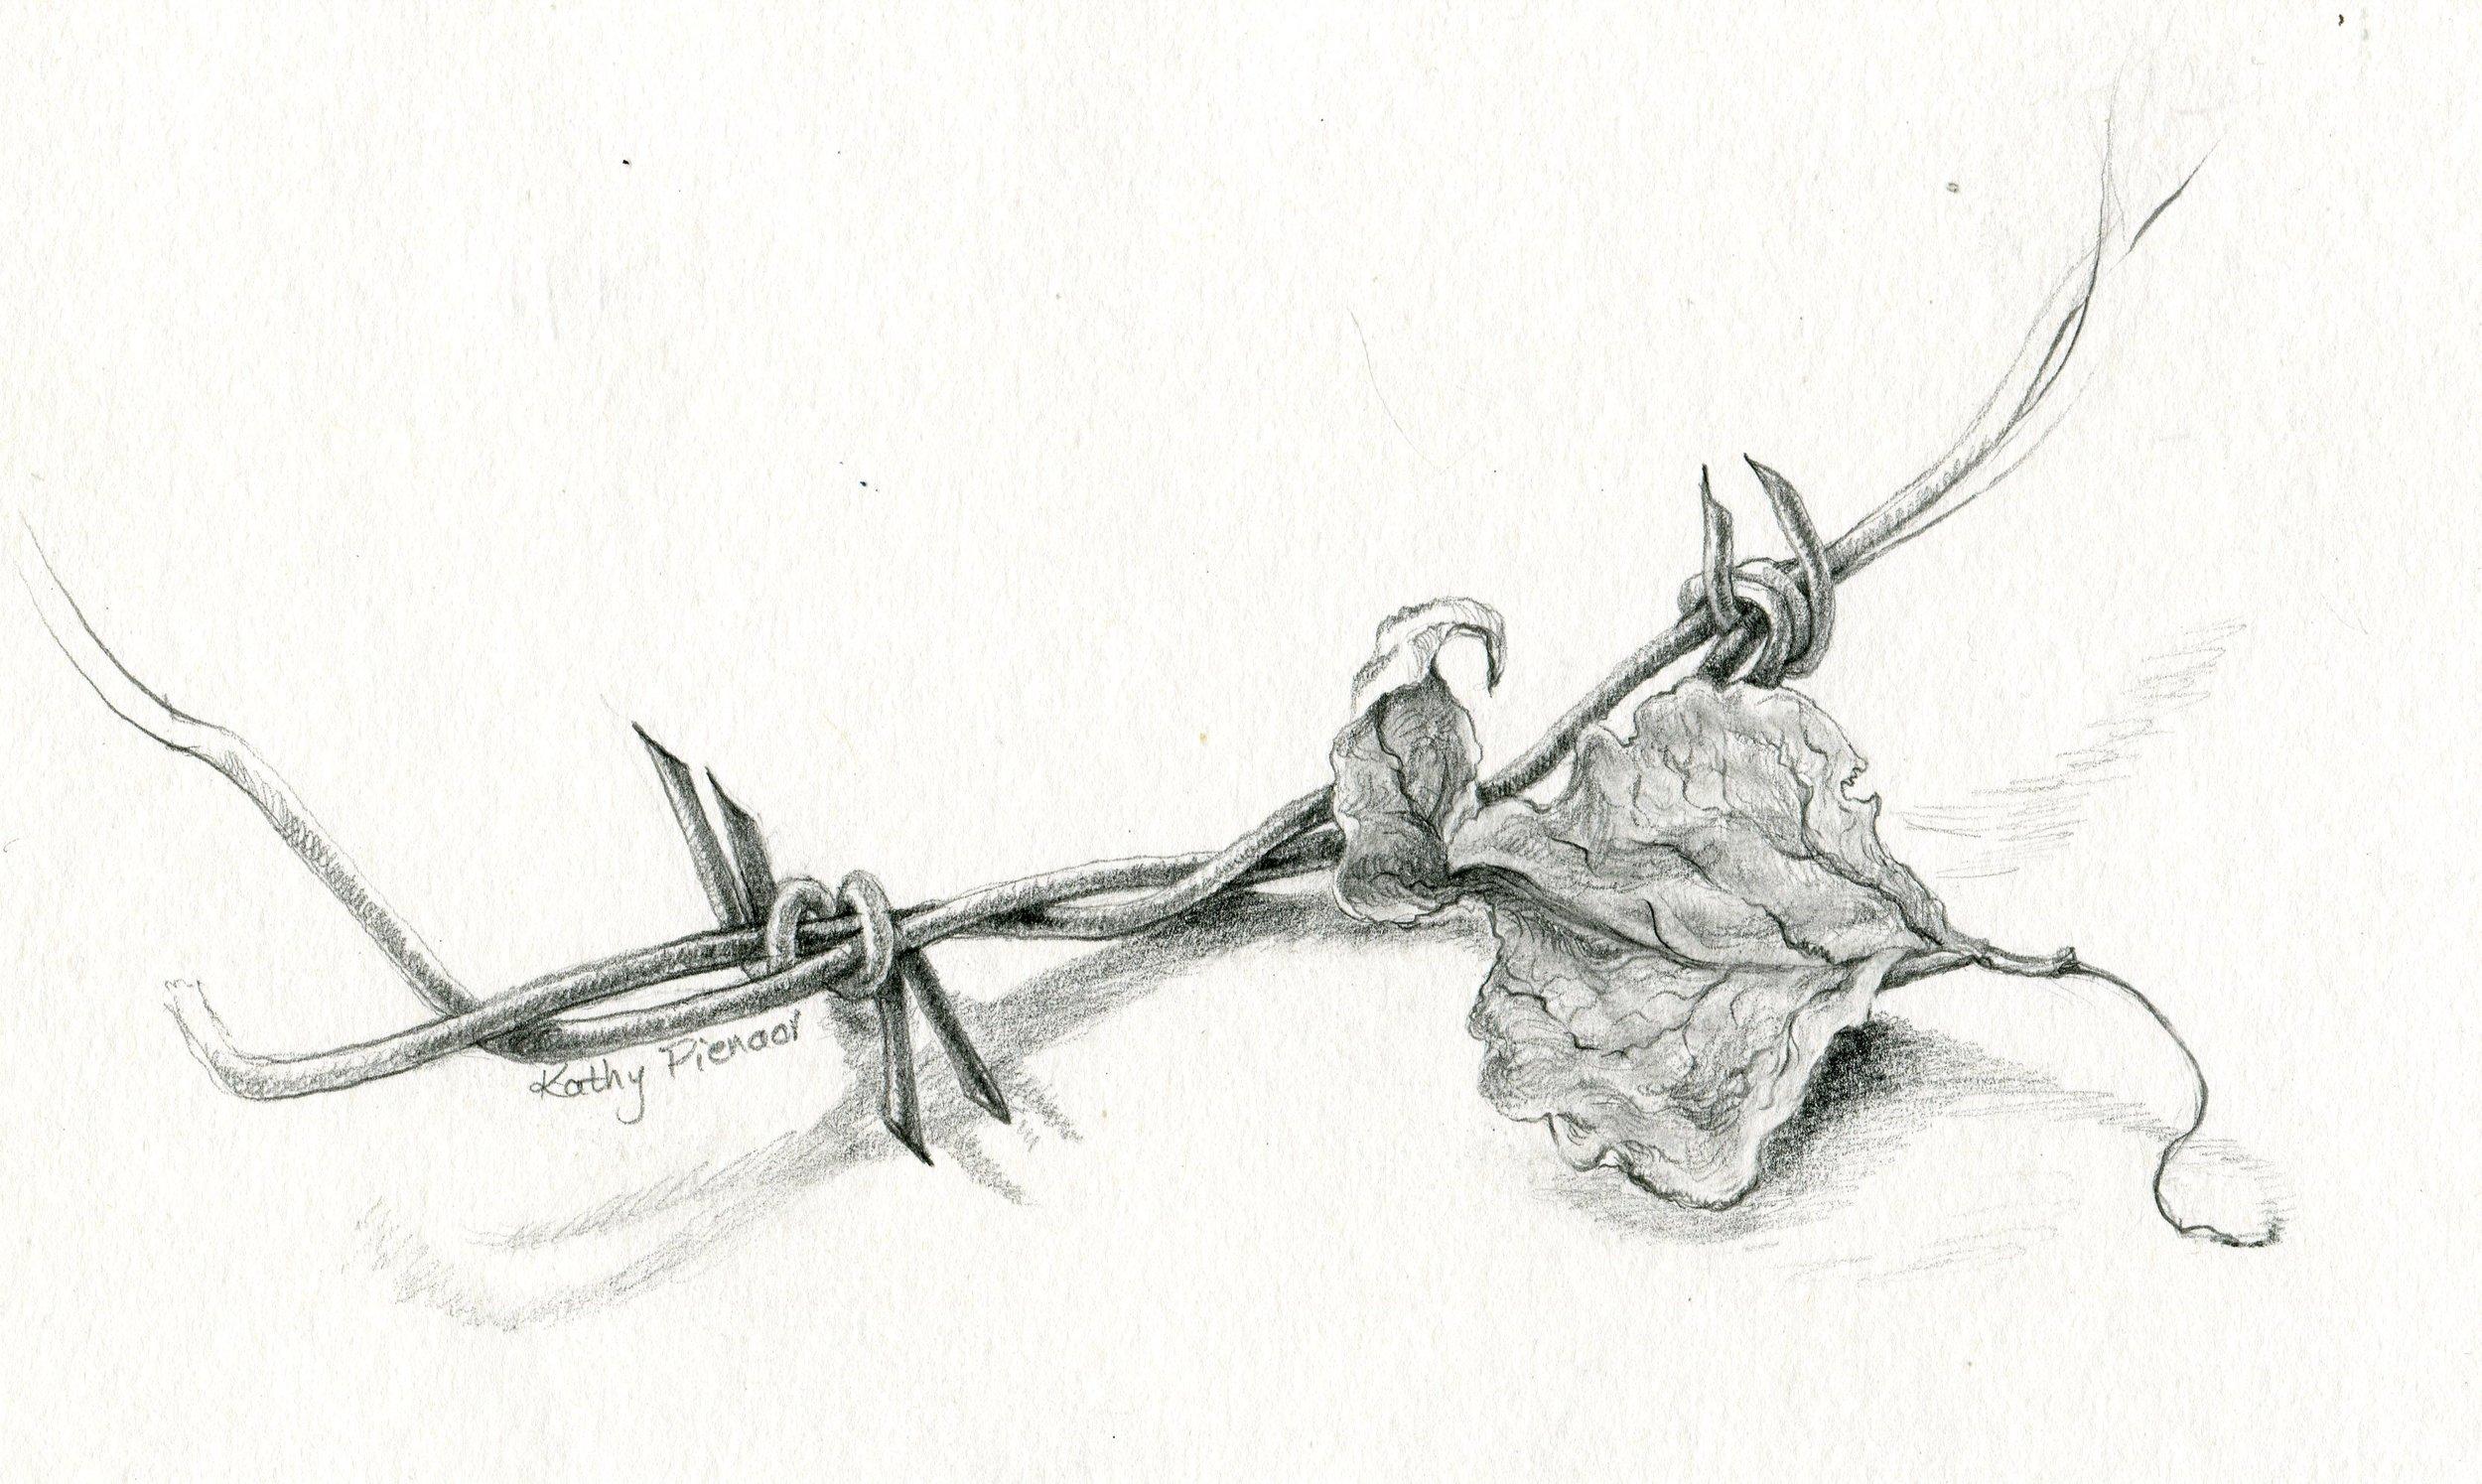 14b  Kathy Pienaar  Landscape 2  pencil on paper